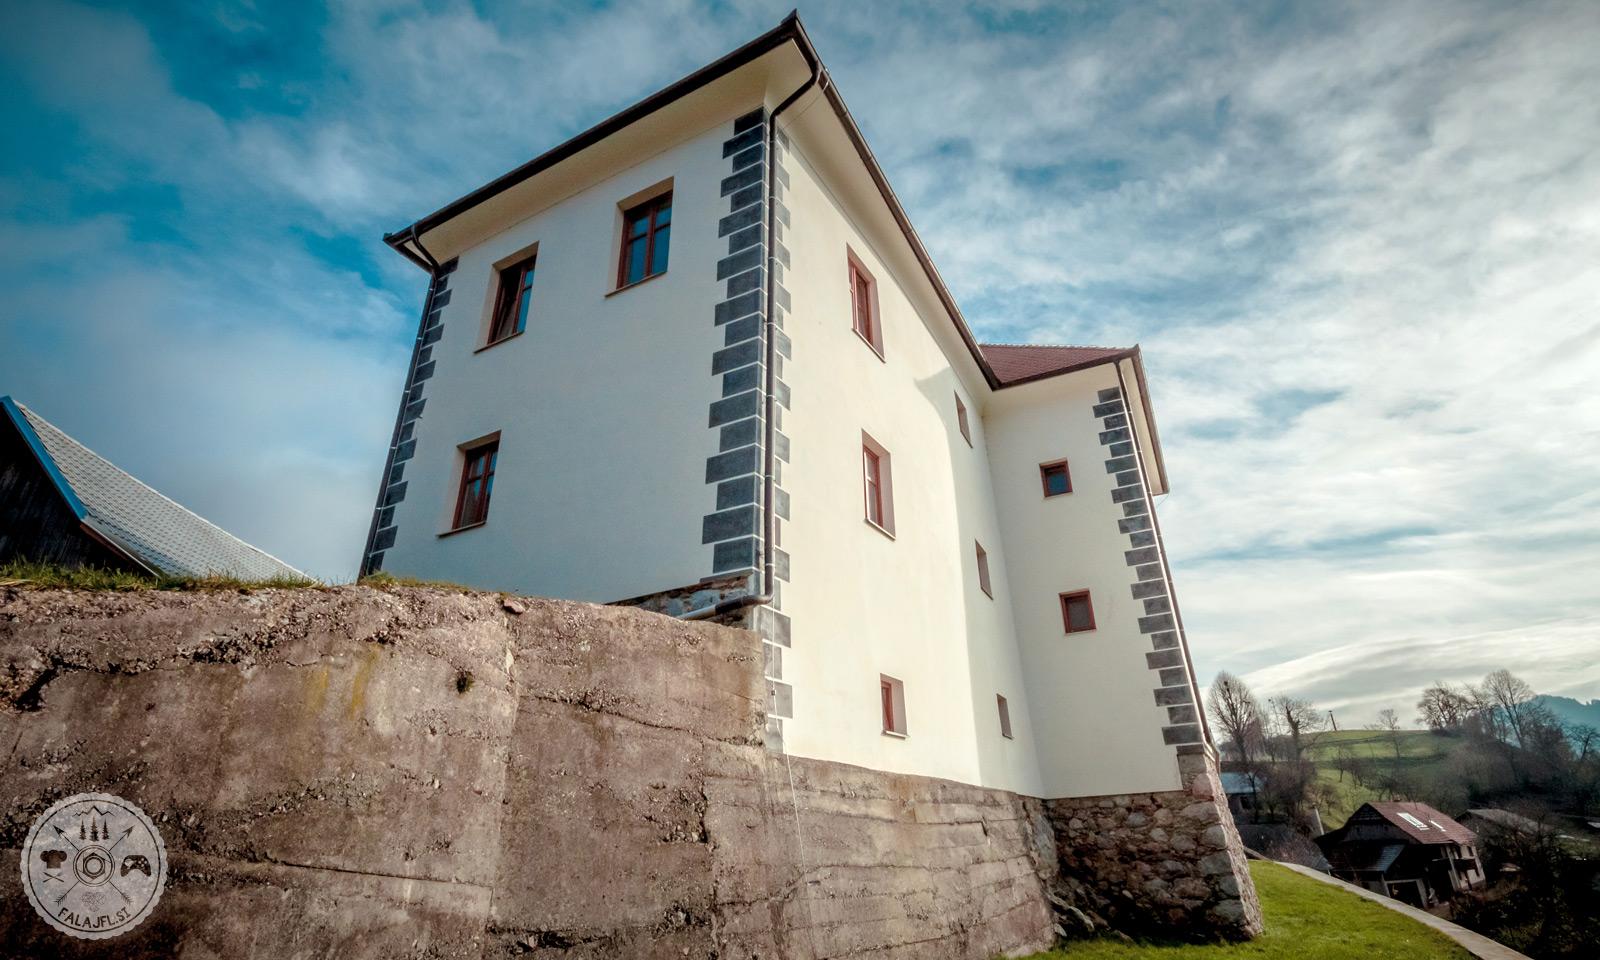 lovski-dvorec-zgornji-tuhinj-foto09